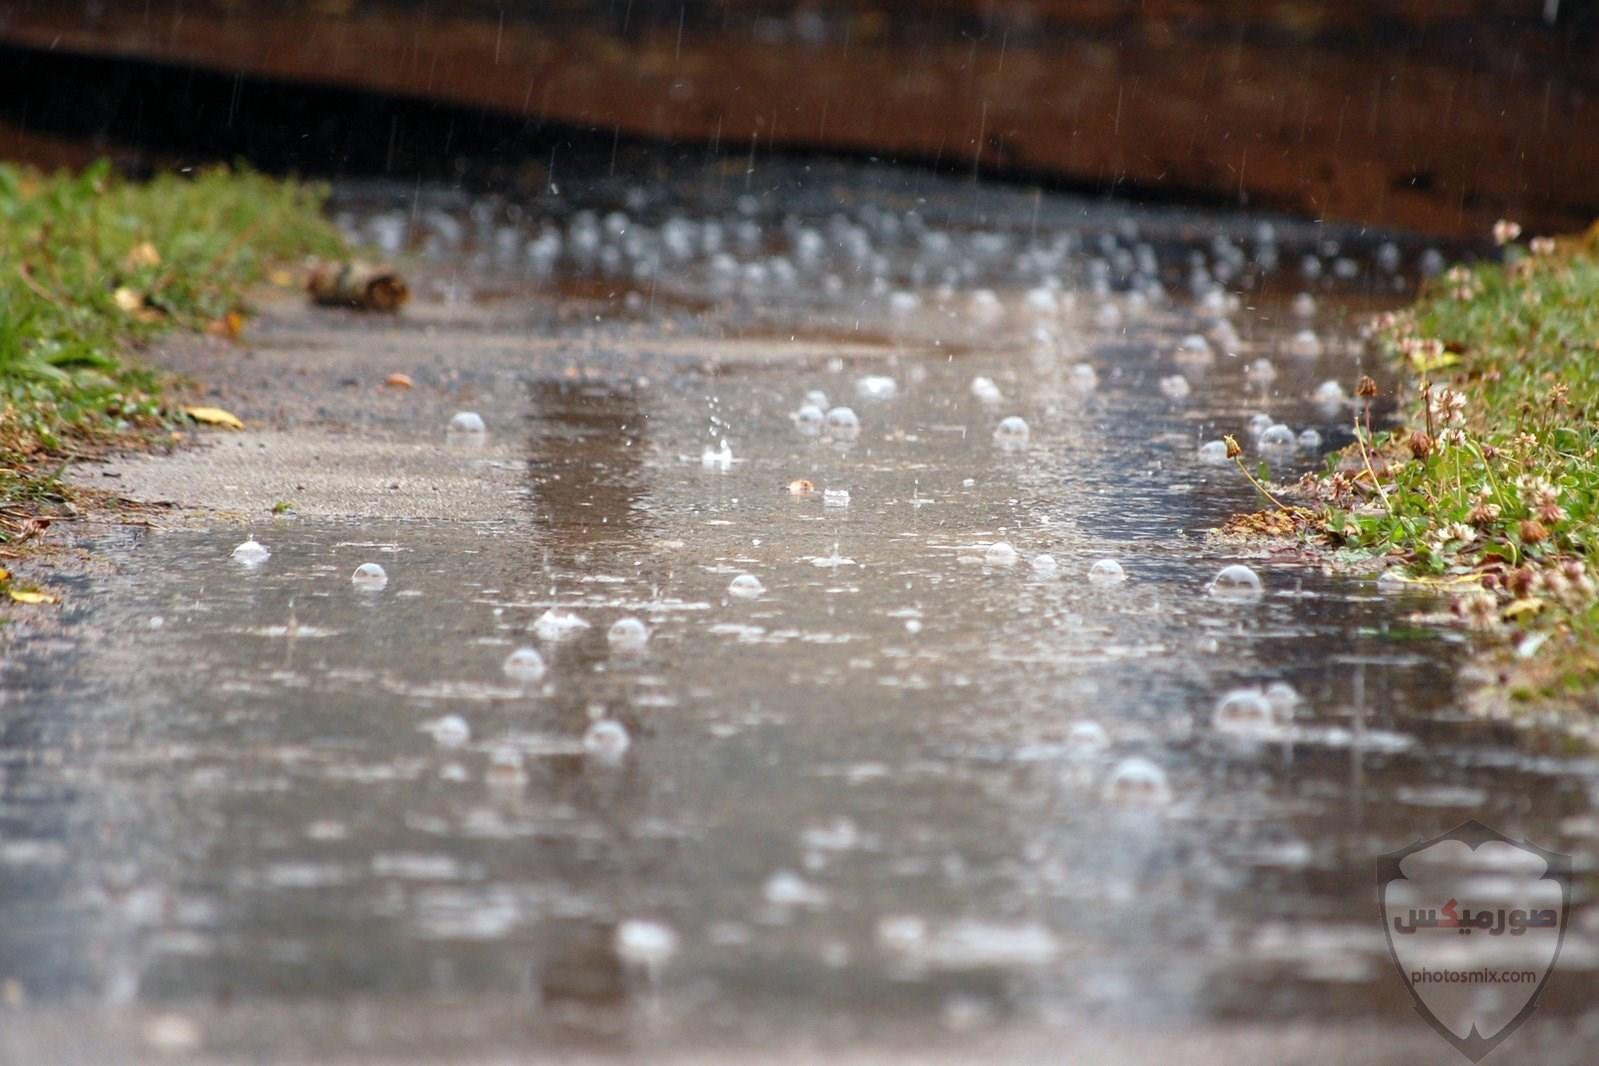 أجمل صور مطر 2020 HD أحلى خلفيات أمطار للفيس بوك والواتس آب 9